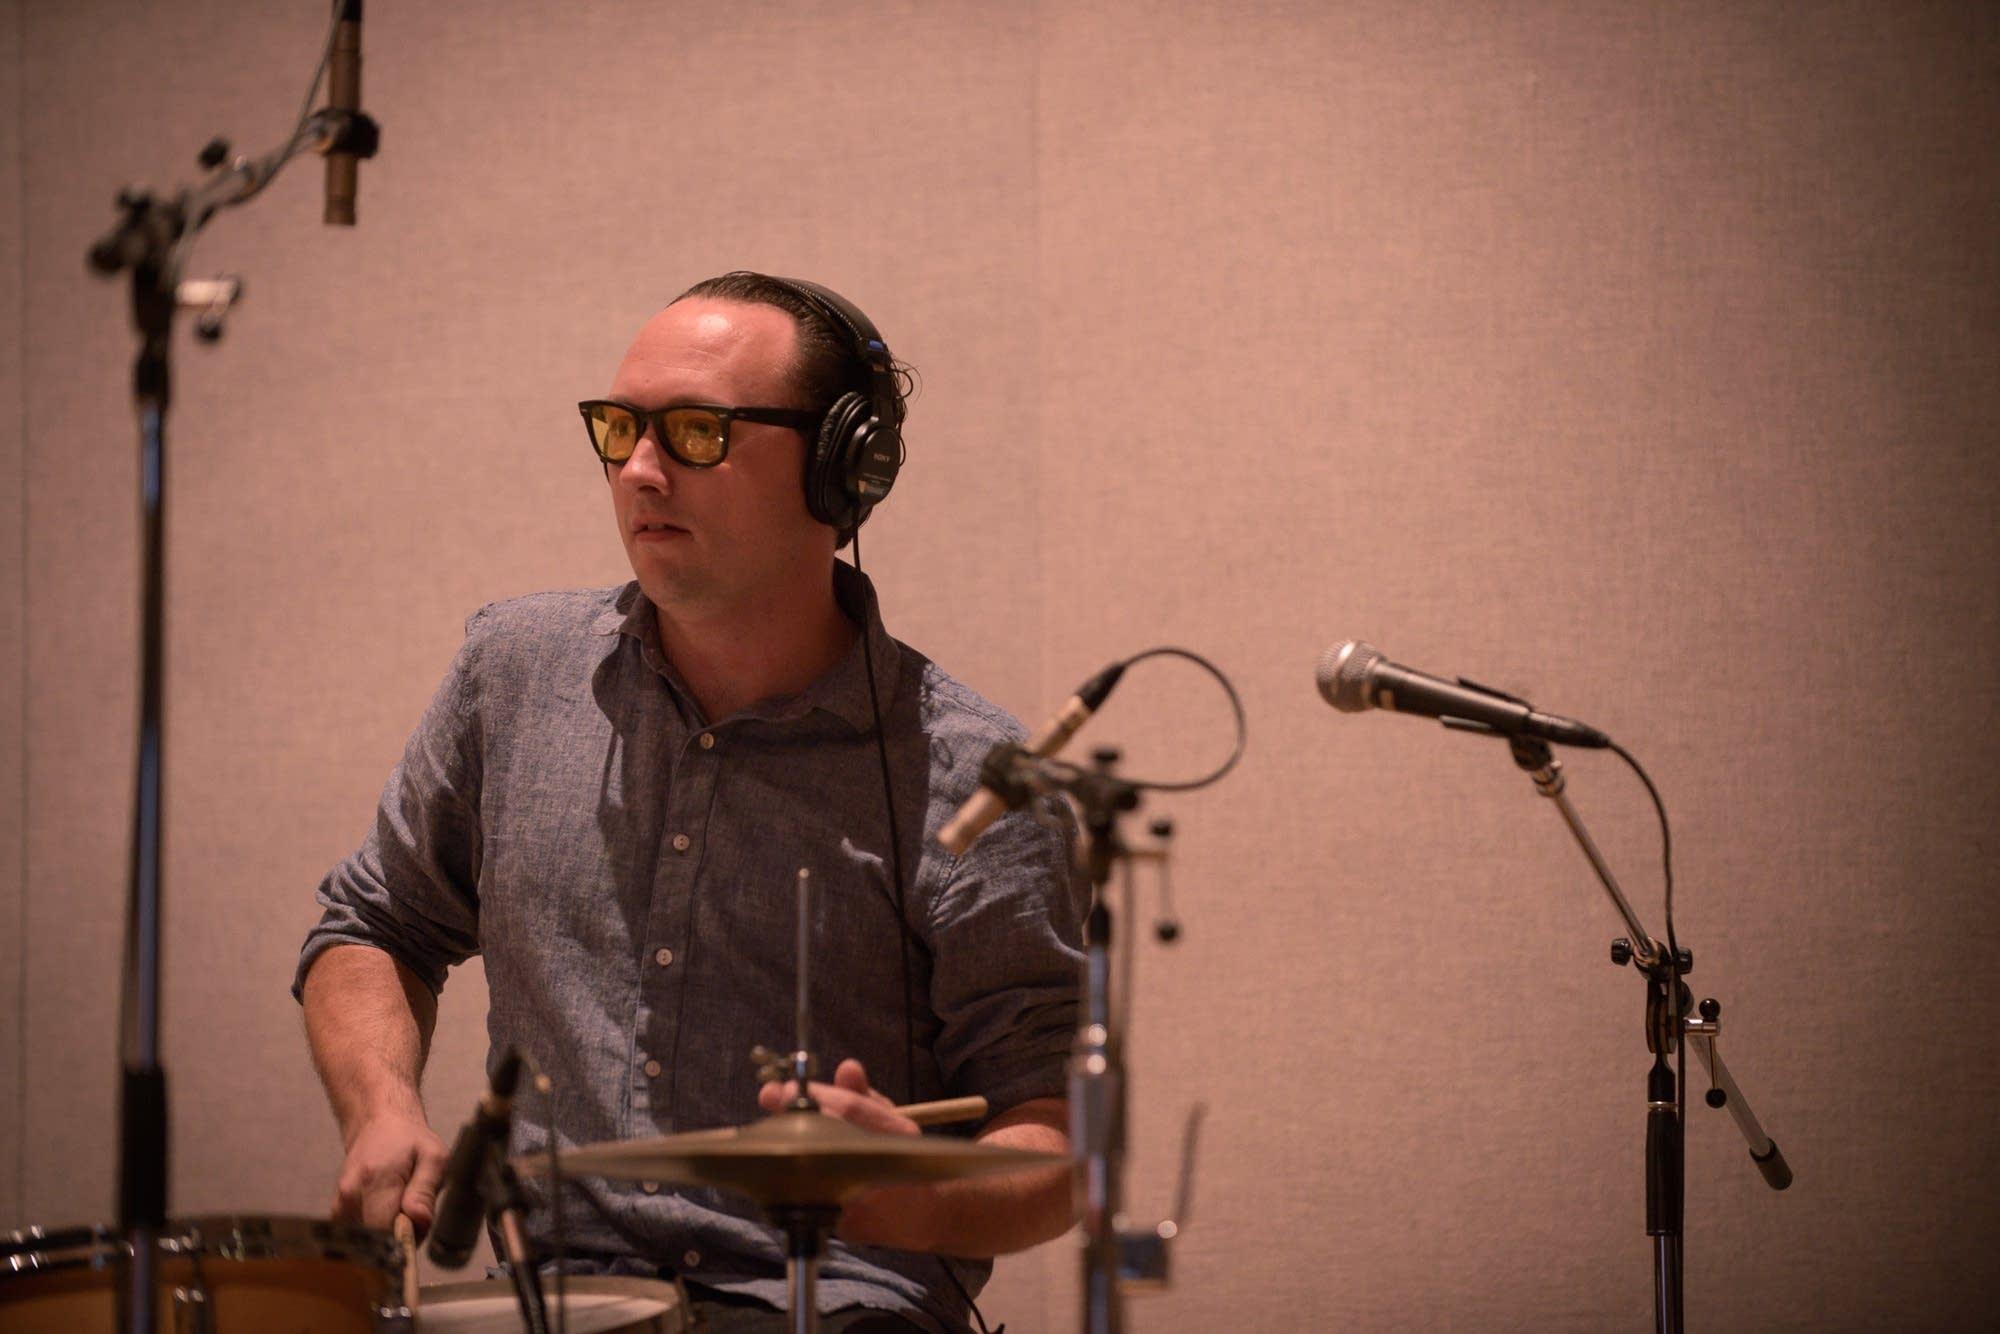 Drummer Jason Smay